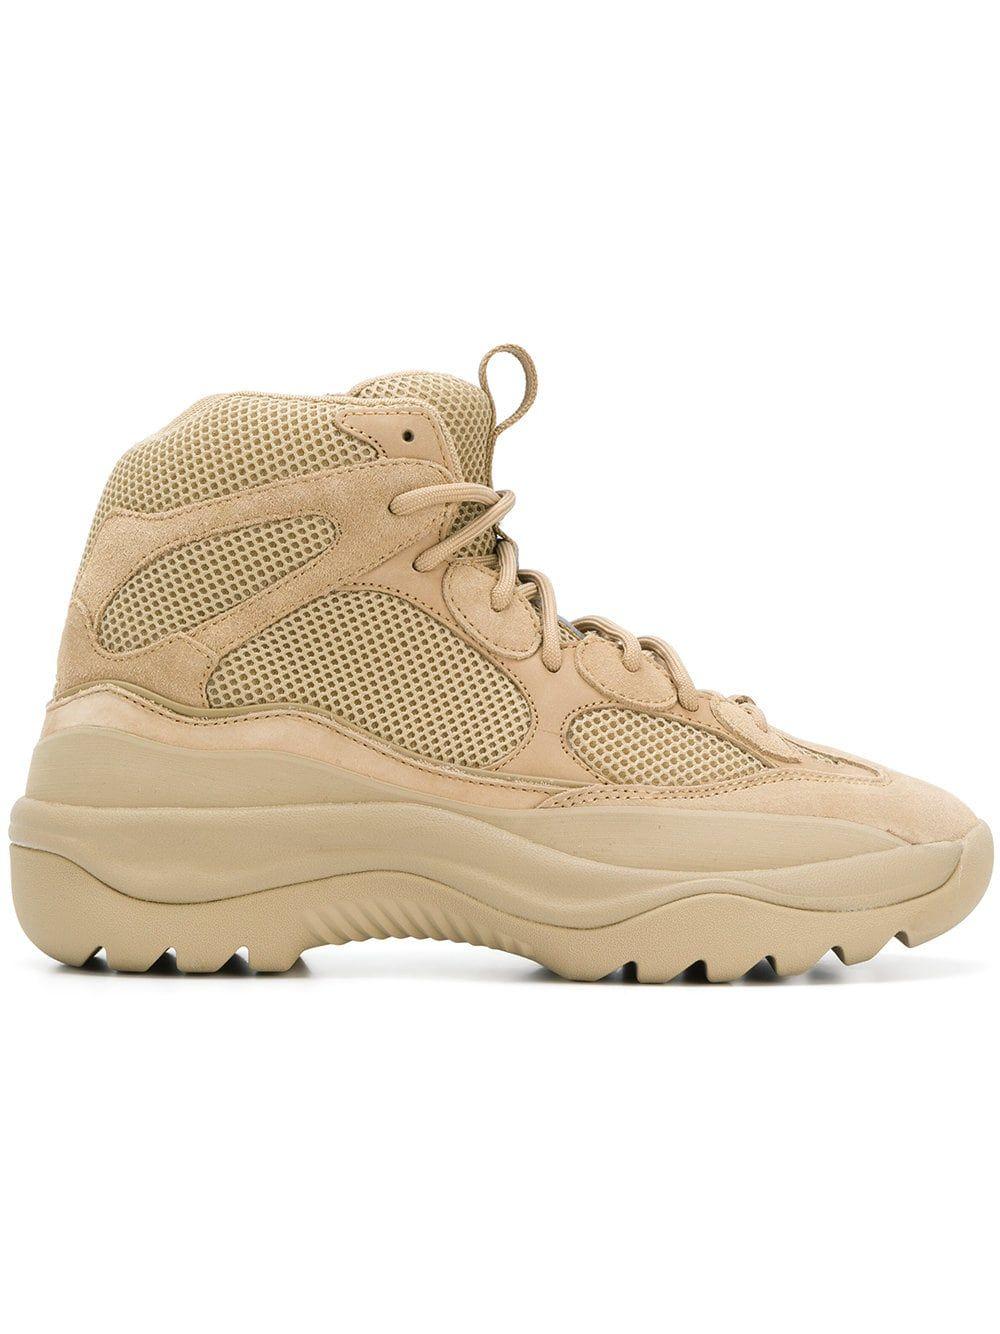 2f7791d6 Yeezy Season 6 Desert Rat boots | STYL3Z Guide - Hottest Women ...